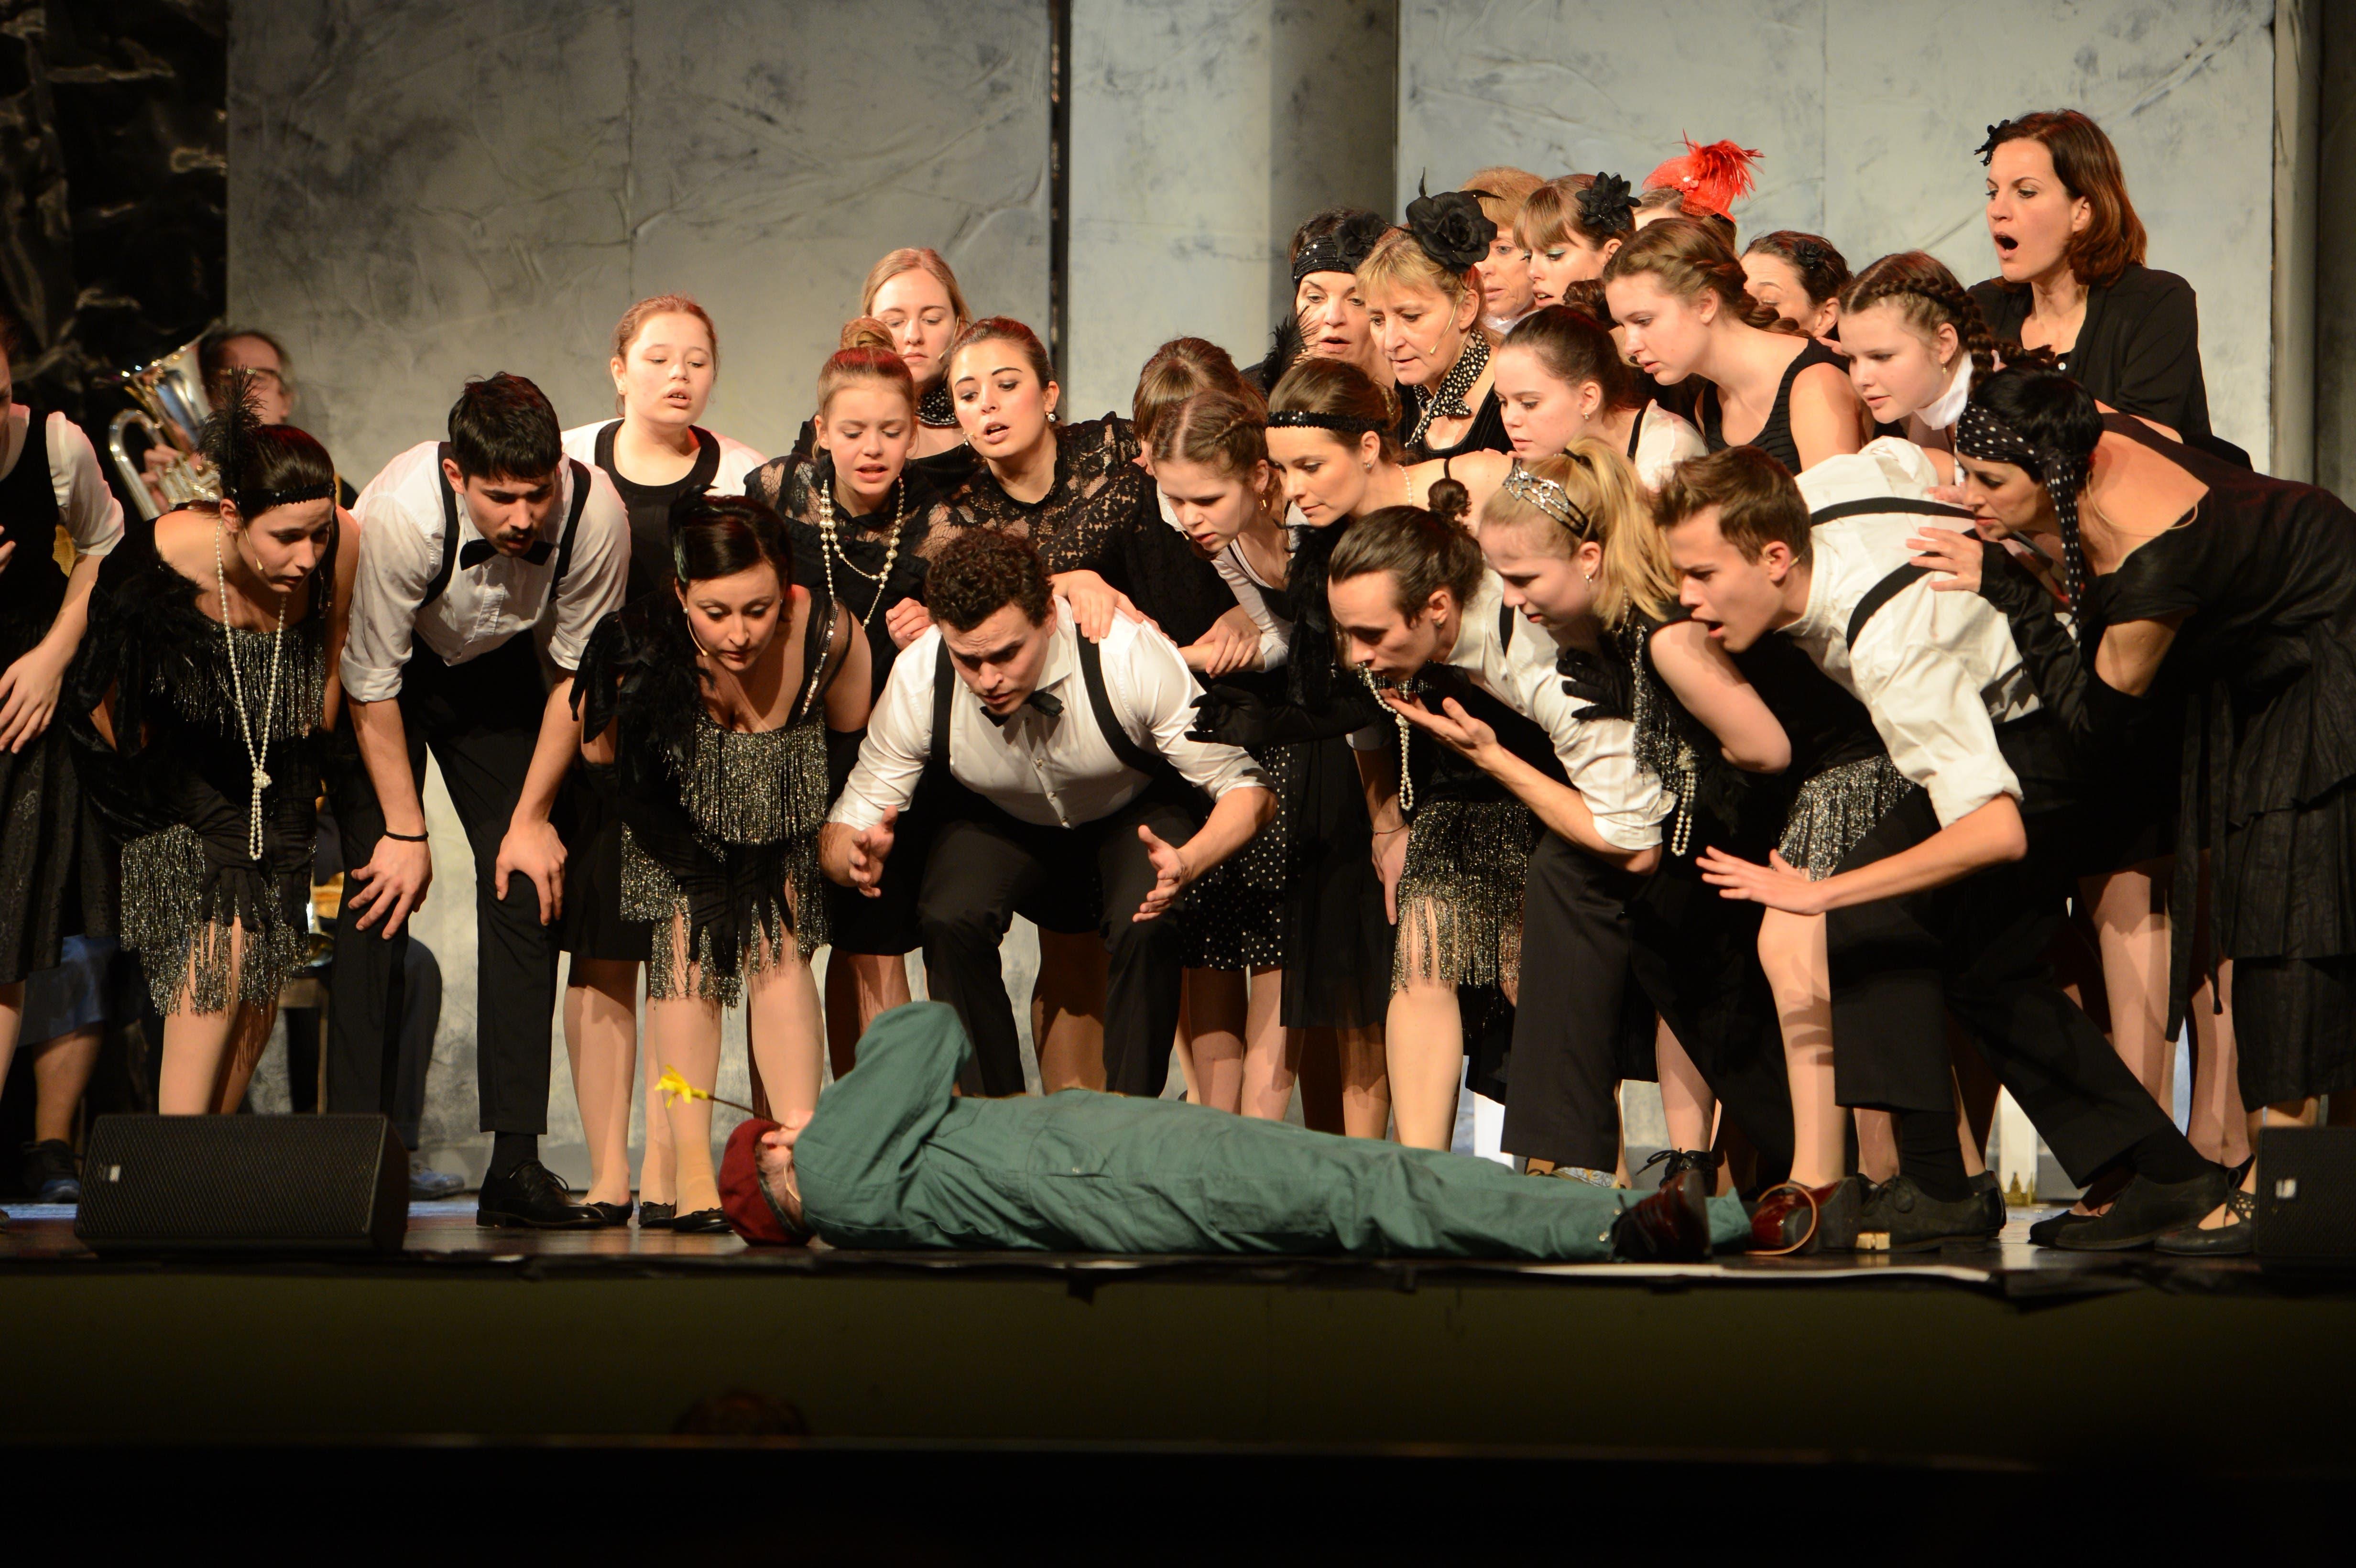 Rund 50 Laienspieler sind beim Musical Big Fish im Theater Uri mit viel Enthusiasmus dabei.